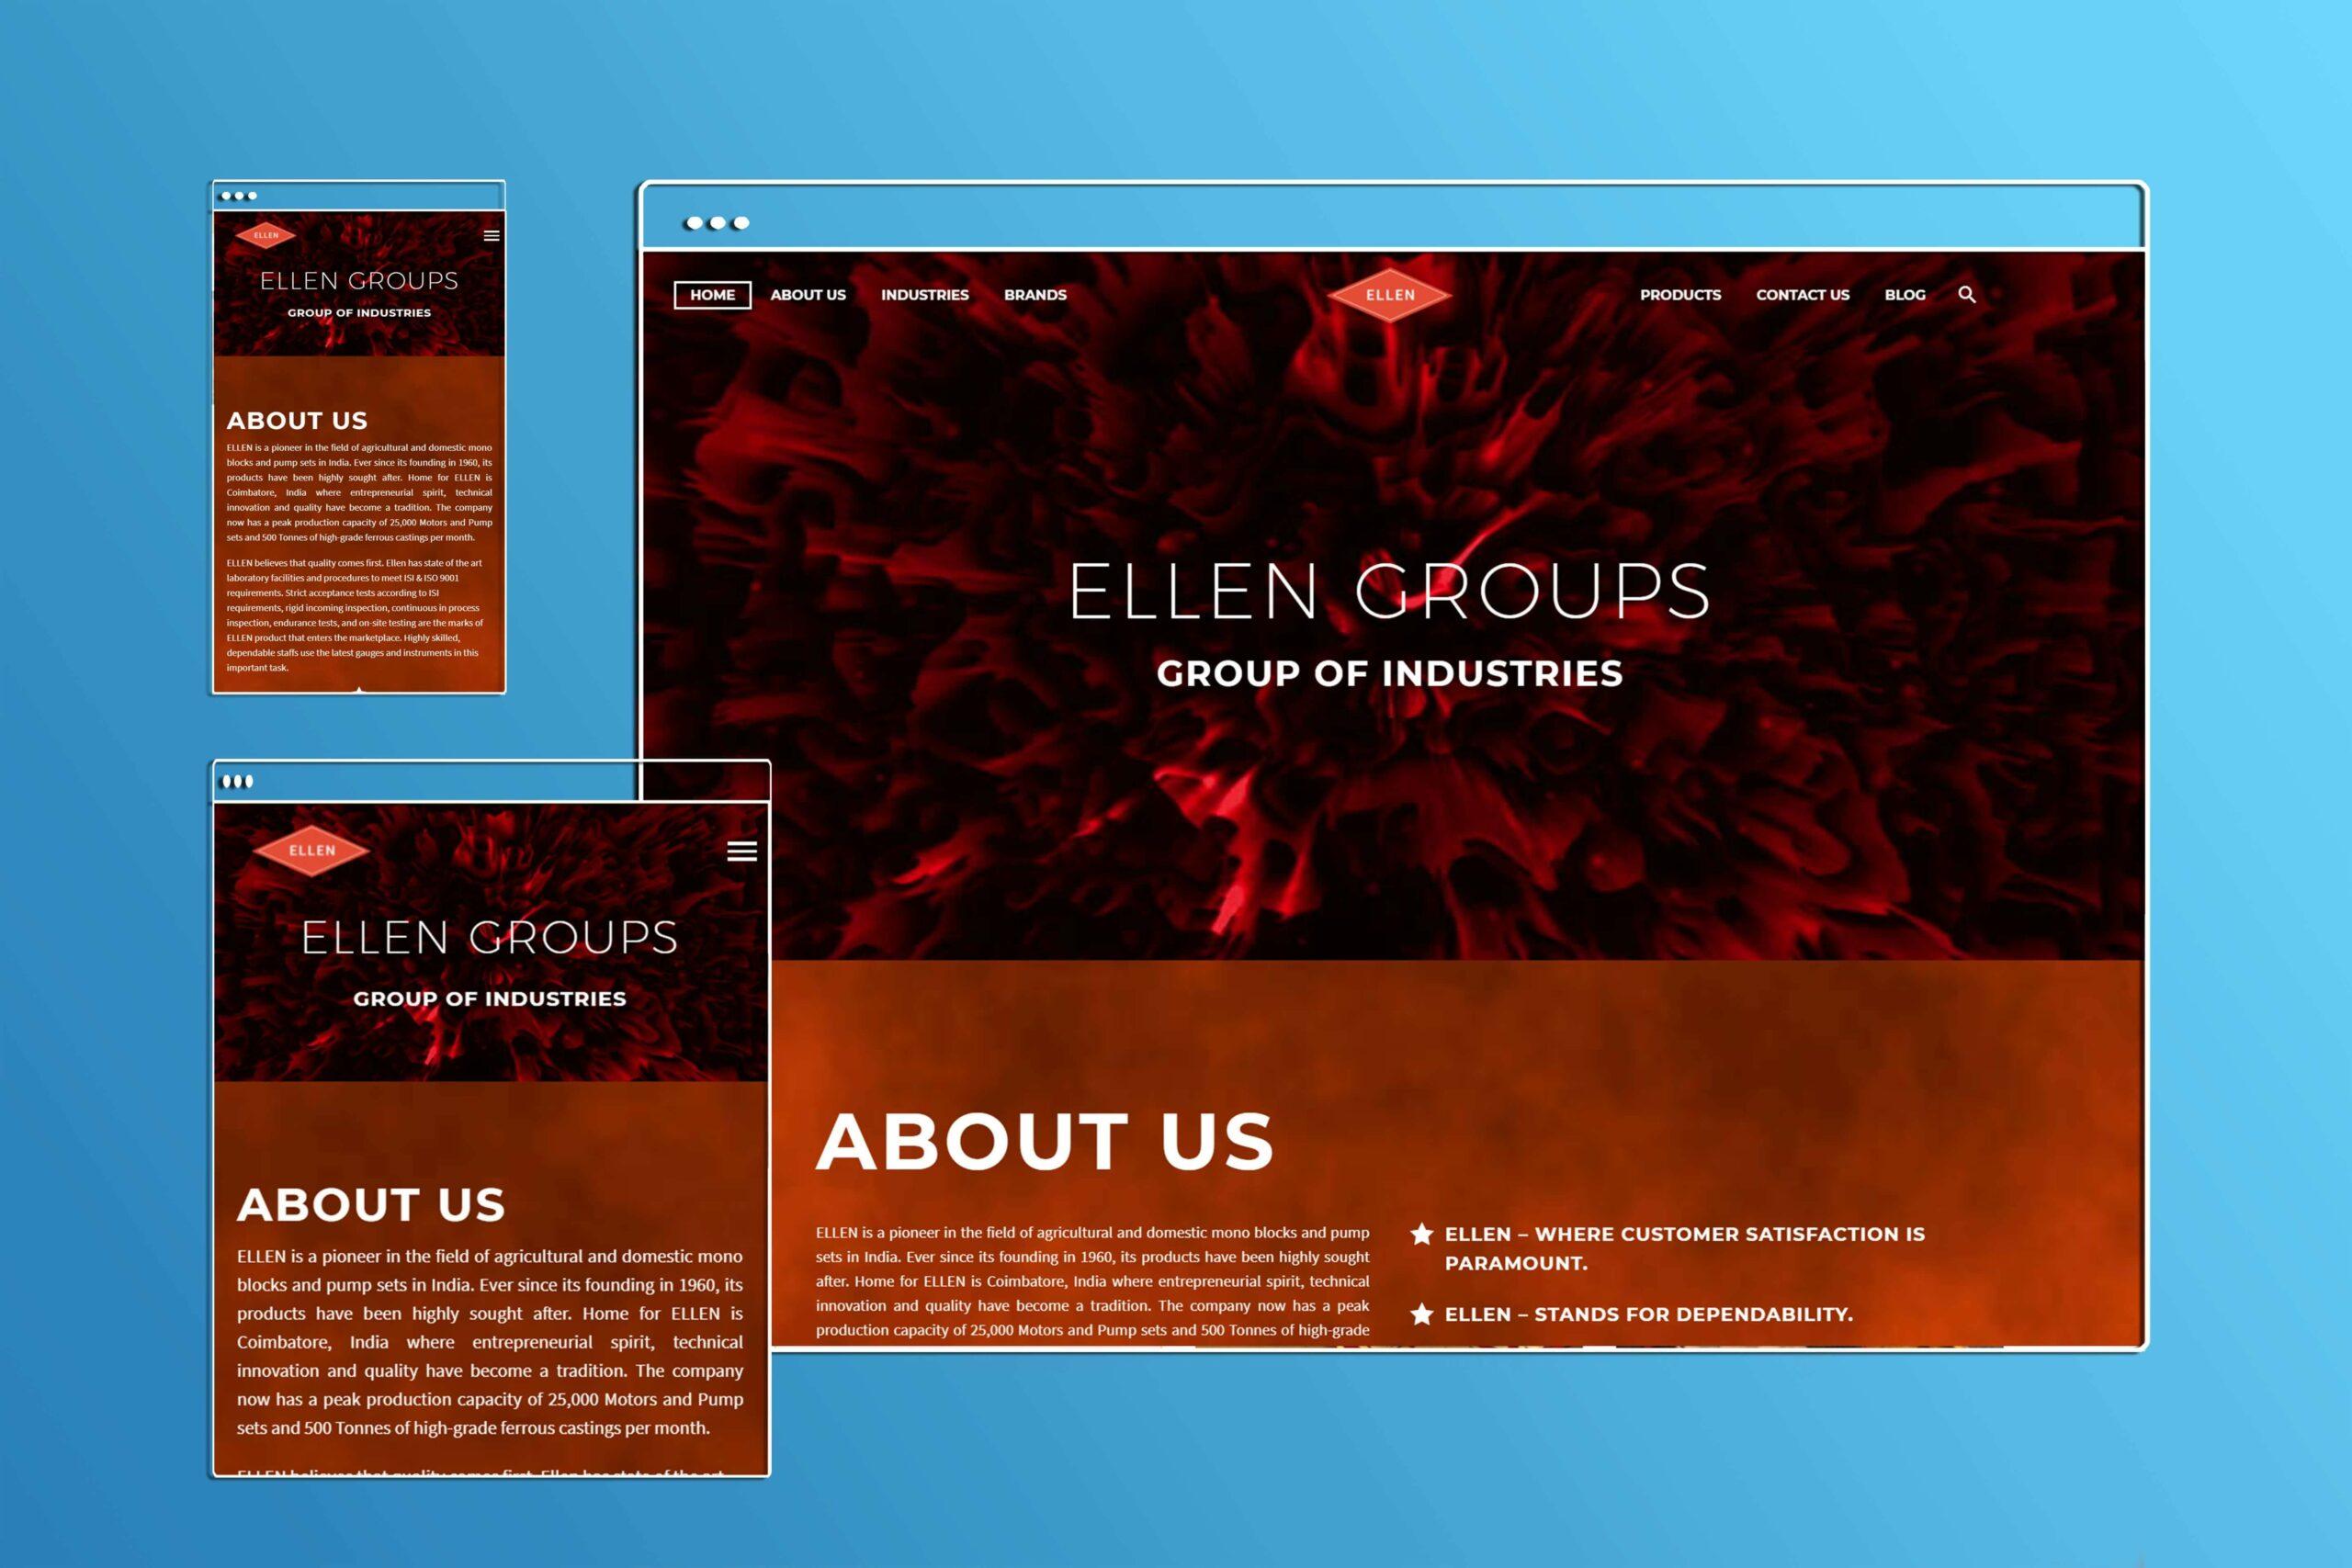 Ellen Groups